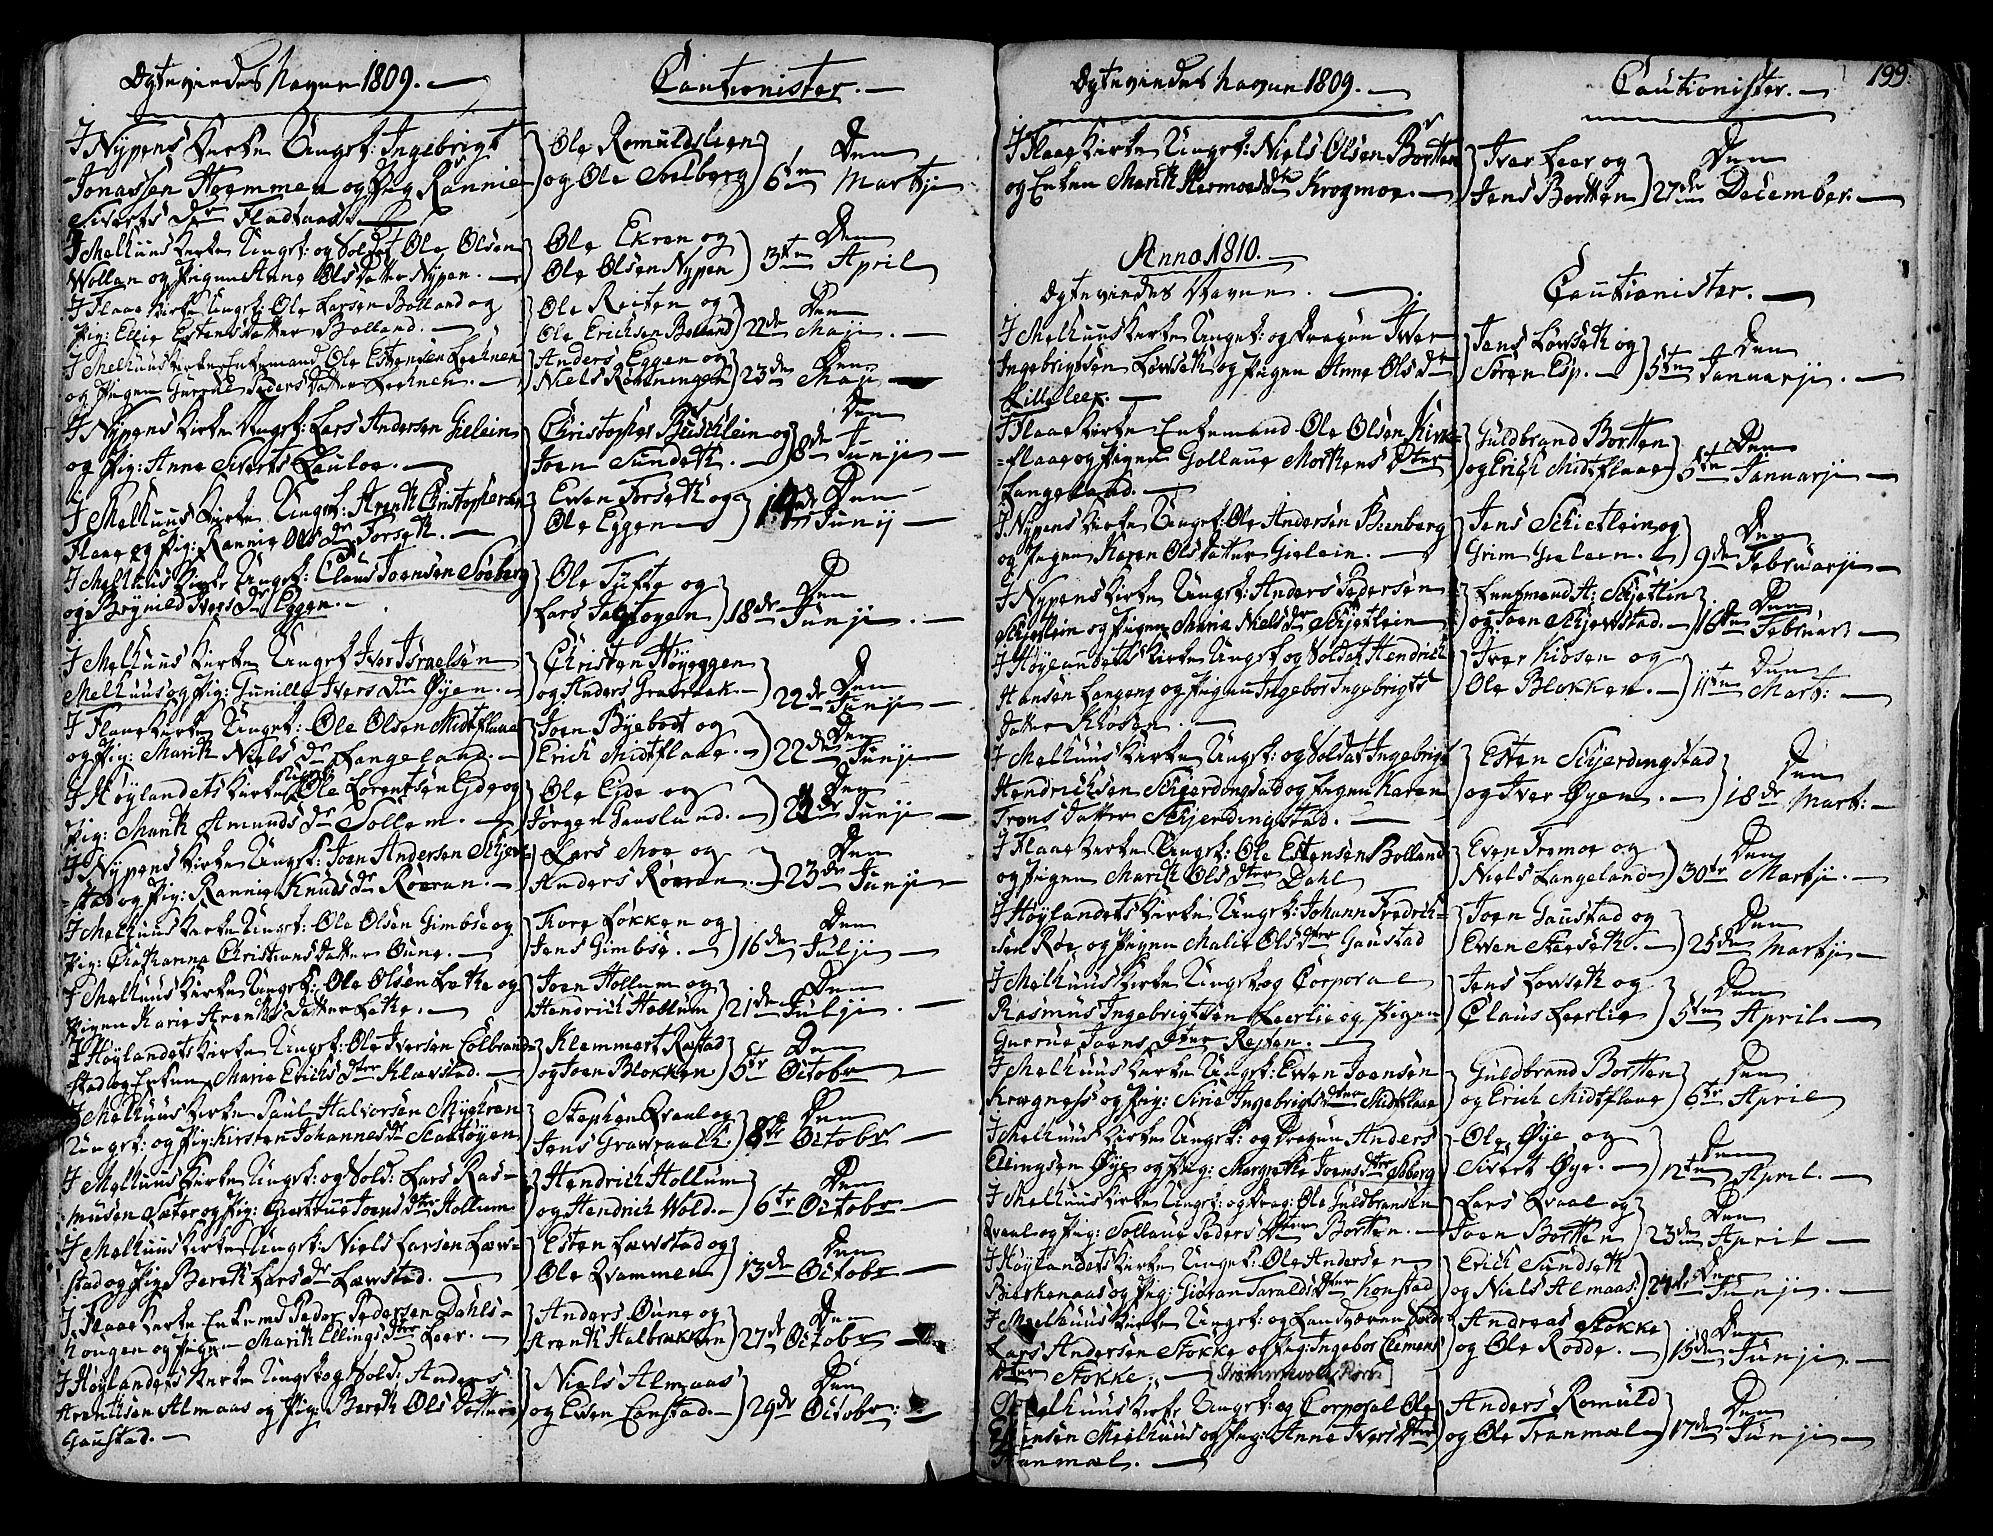 SAT, Ministerialprotokoller, klokkerbøker og fødselsregistre - Sør-Trøndelag, 691/L1061: Ministerialbok nr. 691A02 /1, 1768-1815, s. 199